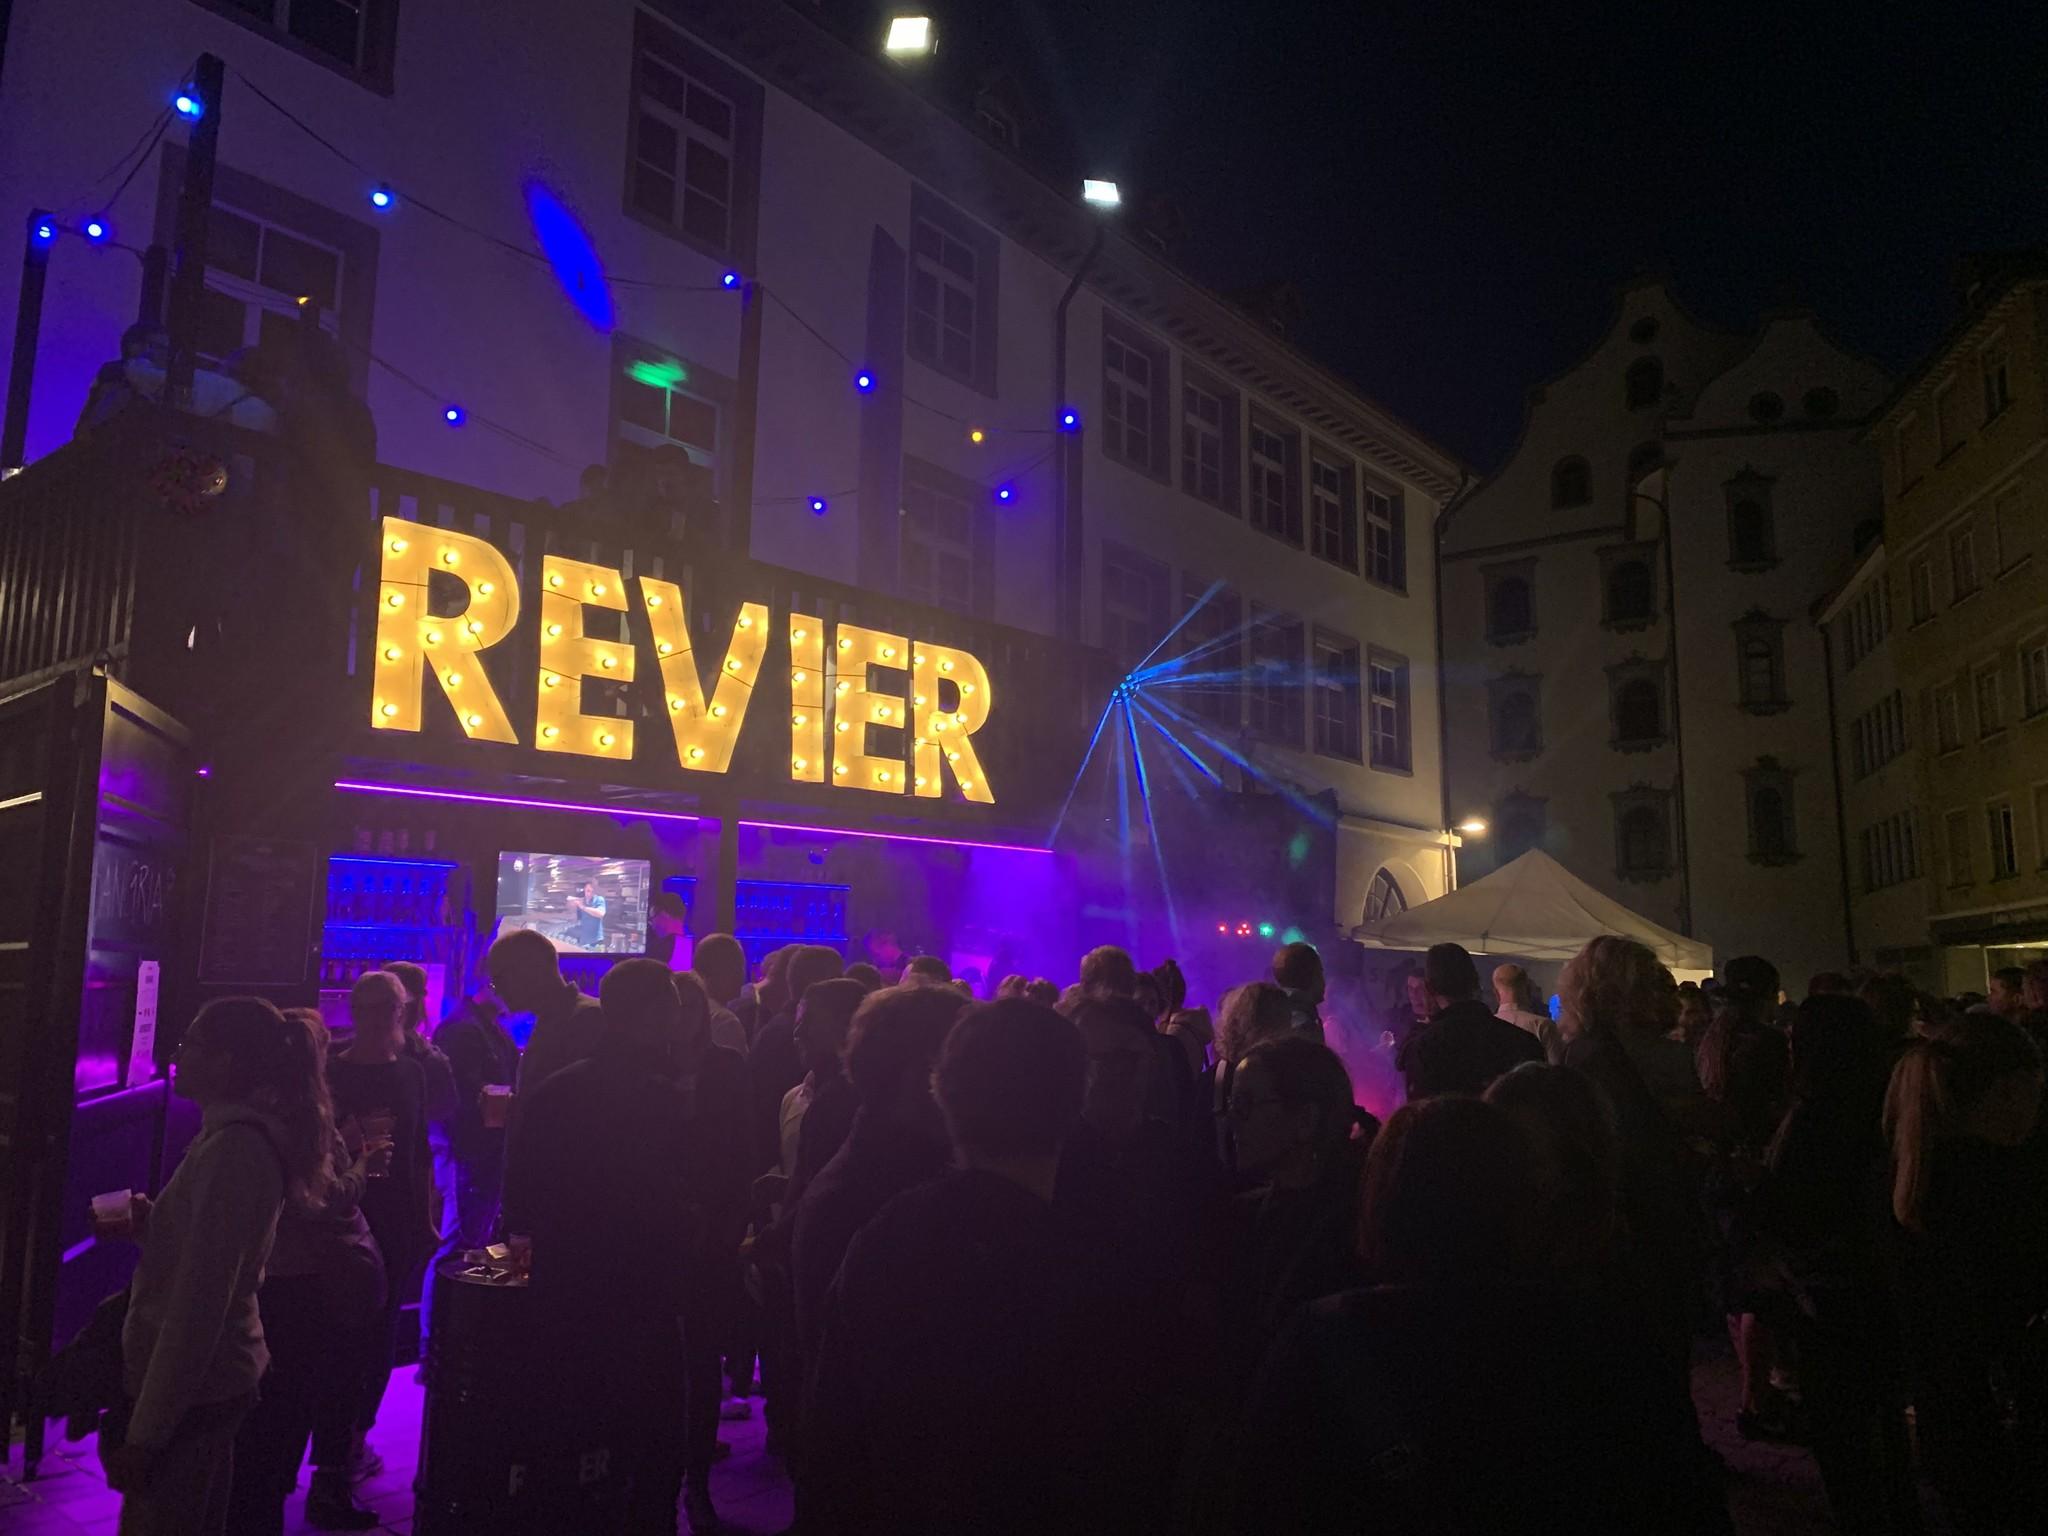 City festival - Saint Gallen